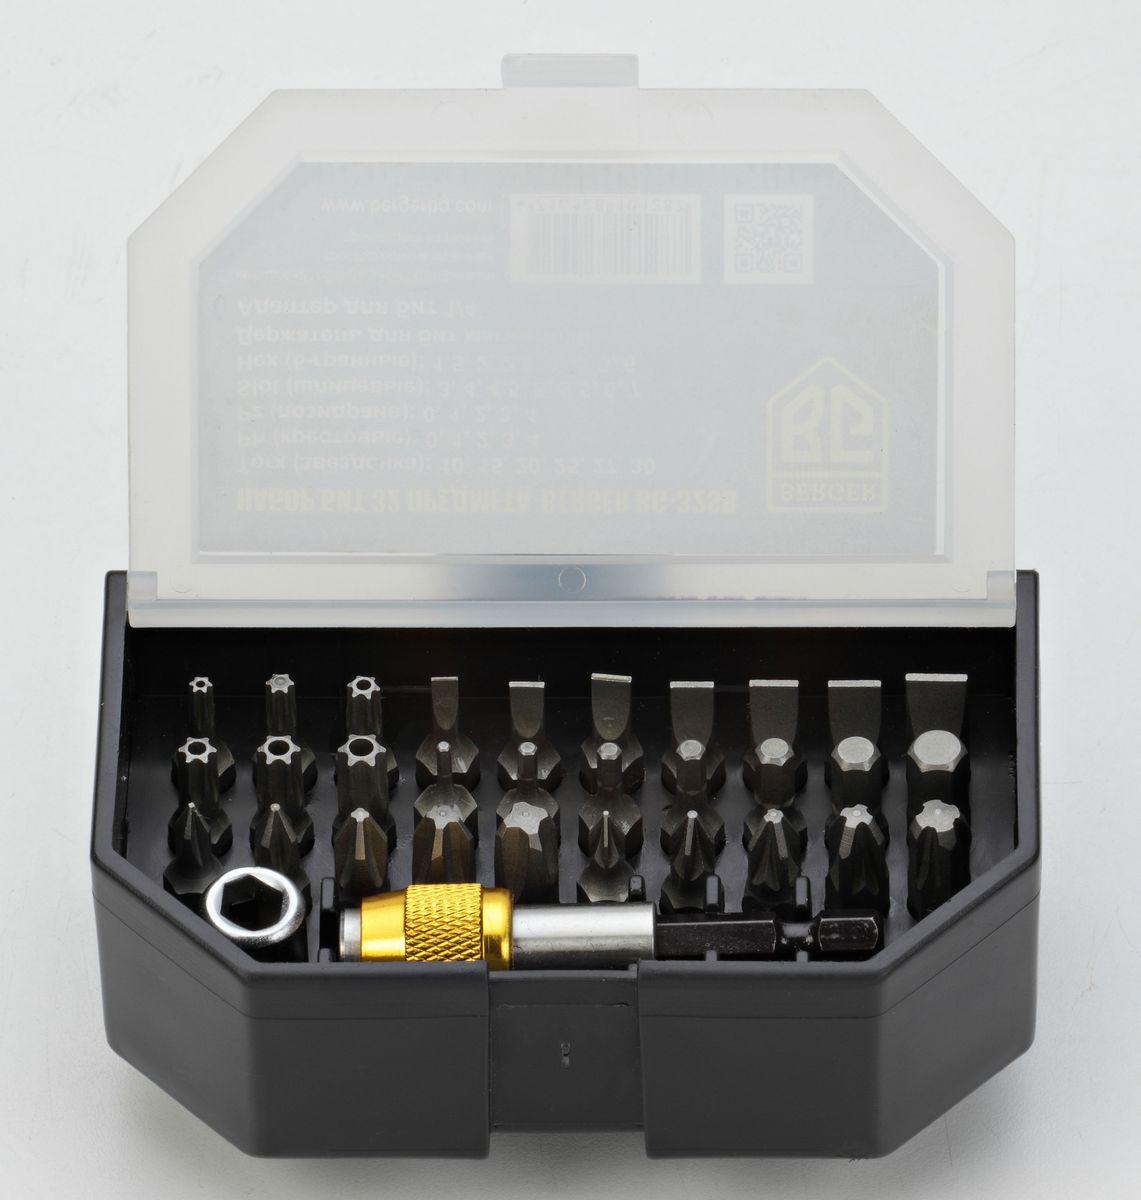 Набор бит Berger, 32 предмета. BG-32SBBG-32SBНабор бит Berger - это многофункциональный комплект, который состоит из односторонних бит с различными шлицами для монтажа и демонтажа резьбовыхсоединений. Биты изготовлены из стали S2, адаптер и держатель выполнены из хромованадиевой стали.В комплекте:- Torx (звездочка): T10, T15, T20, T25, T27, T30 - 6 шт;- Ph (крест): 0, 1, 2, 3, 4 - 5шт;- Pz (позидрайв): 0, 1, 2, 3, 4 - 5 шт;- Hex (шестигранник): 1.5, 2, 2.5, 3, 4, 5, 6 - 7 шт;- Slot (шлиц): 3, 4, 4.5, 5, 5.5, 6, 7 - 7 шт;- Держатель для бит магнитный;- Адаптер для бит 1/4.